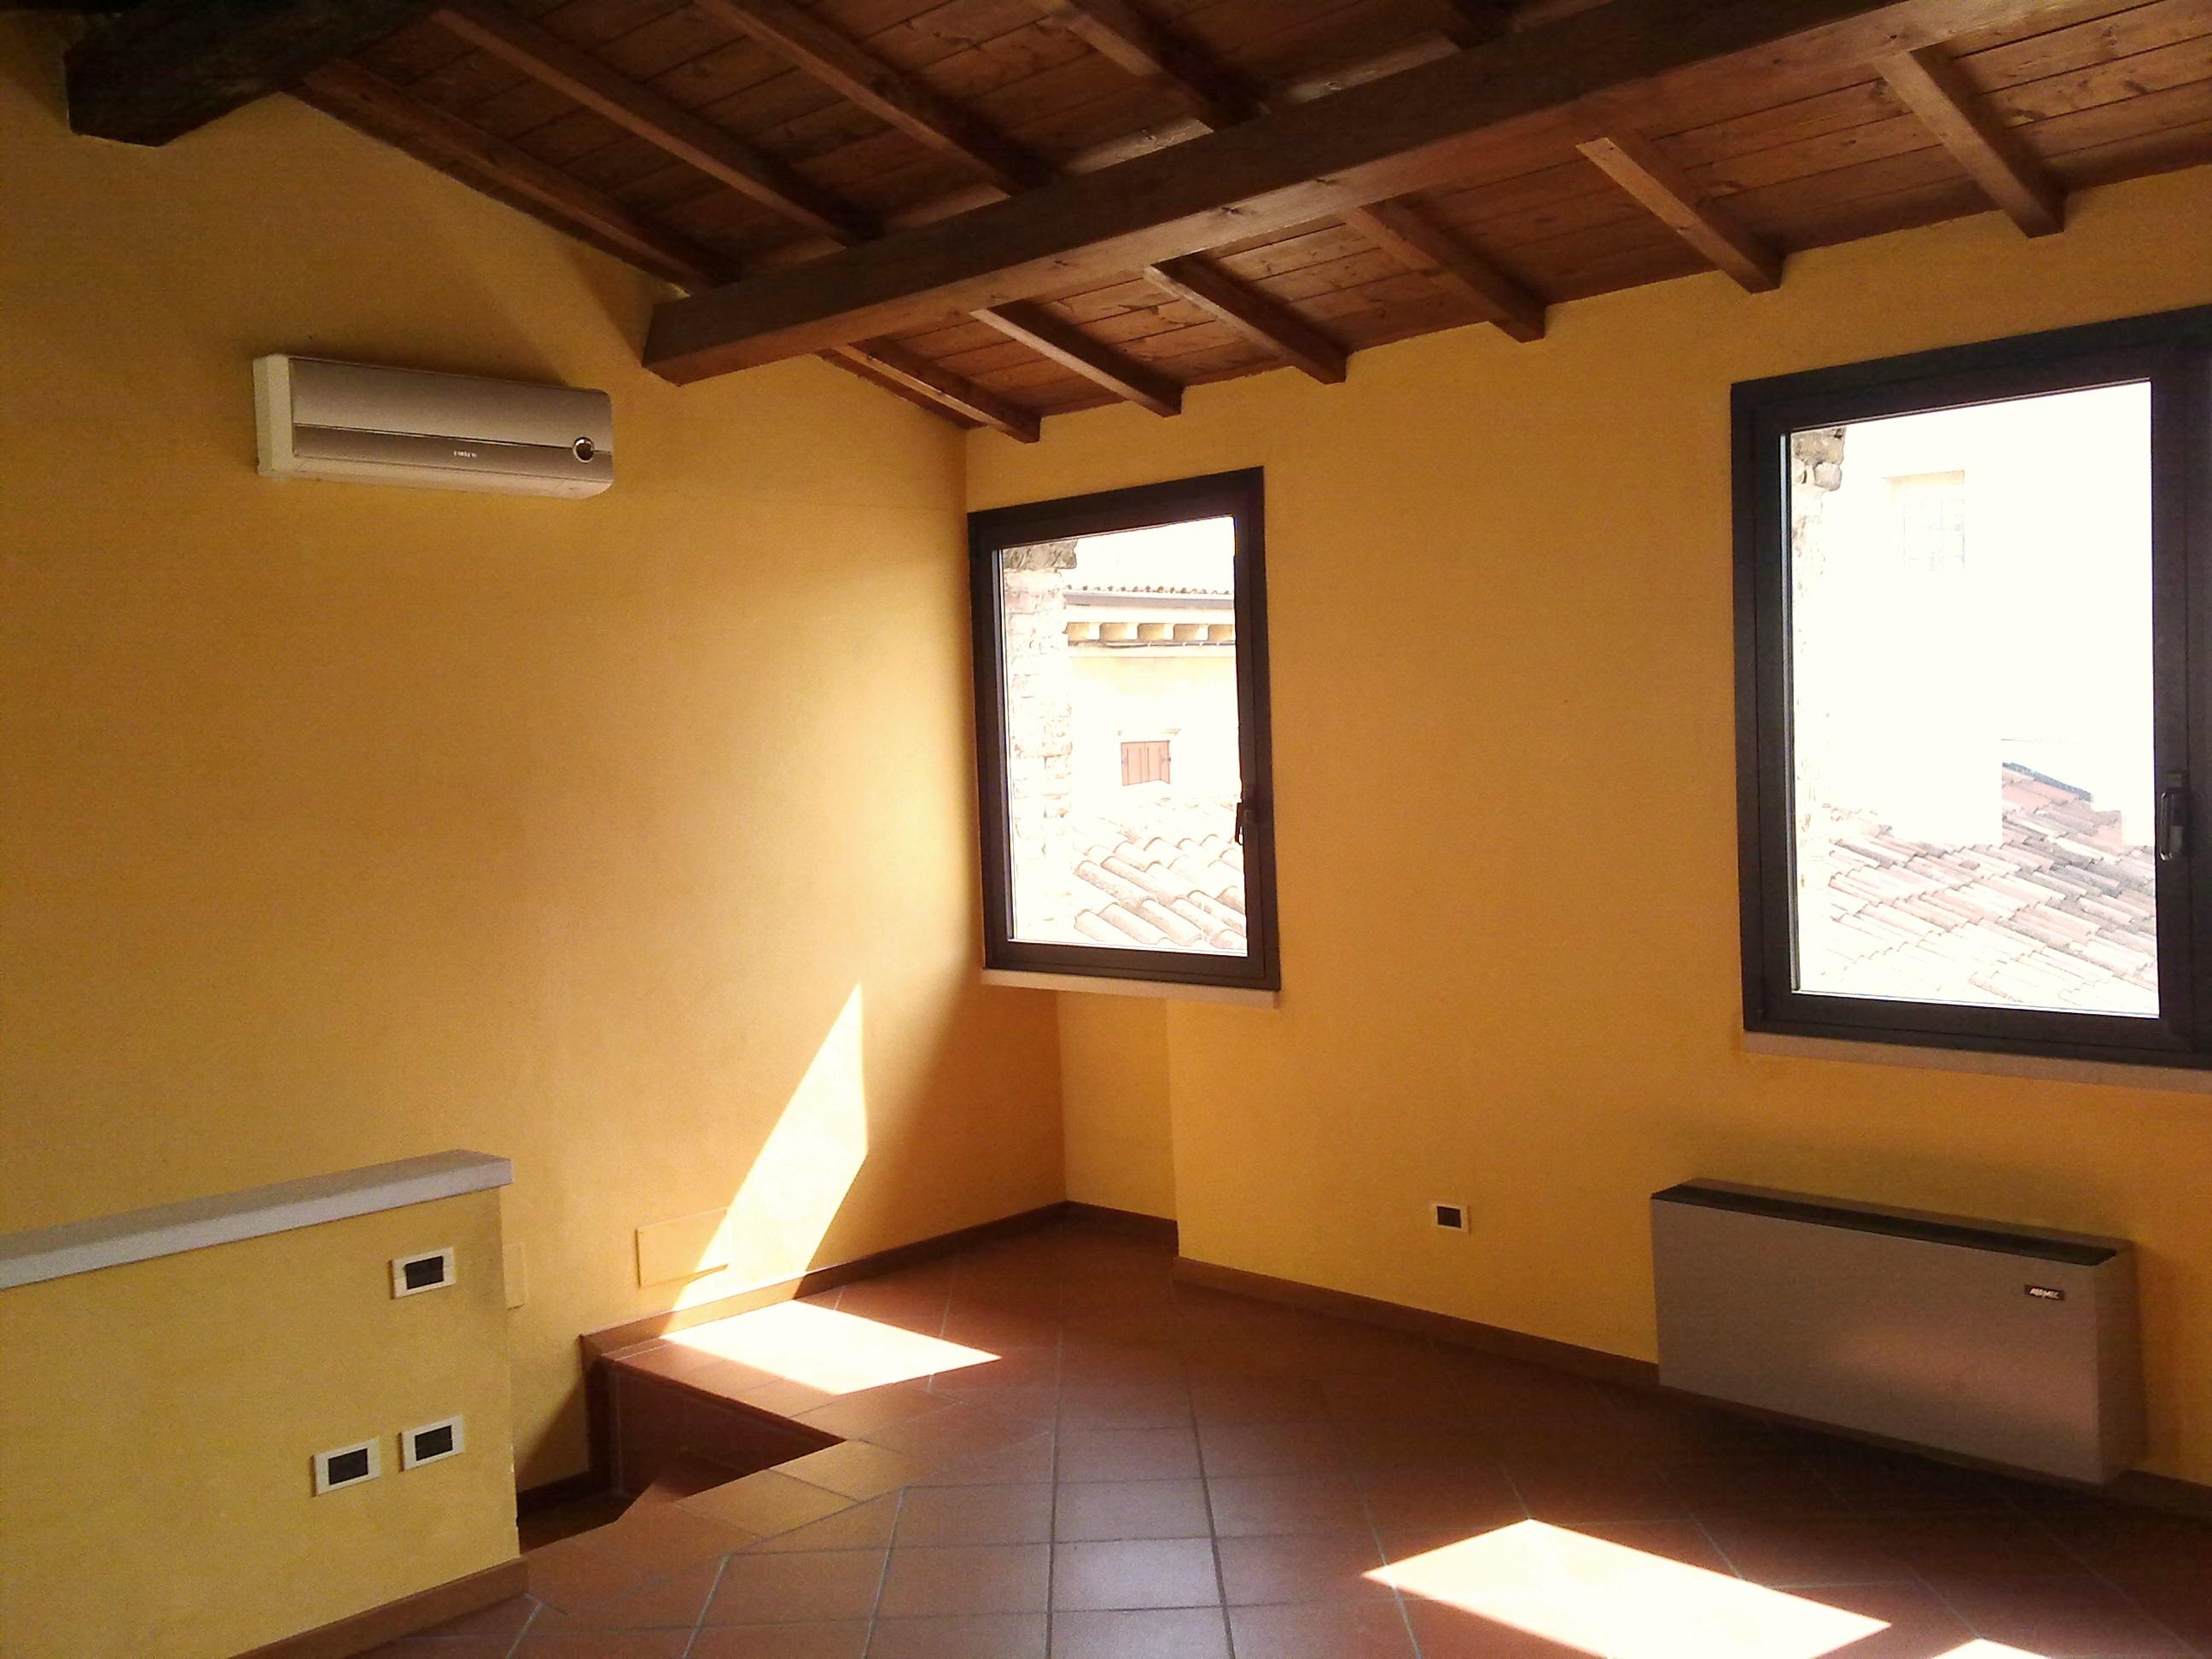 Affitto Appartamento Centro Storico Verona C069